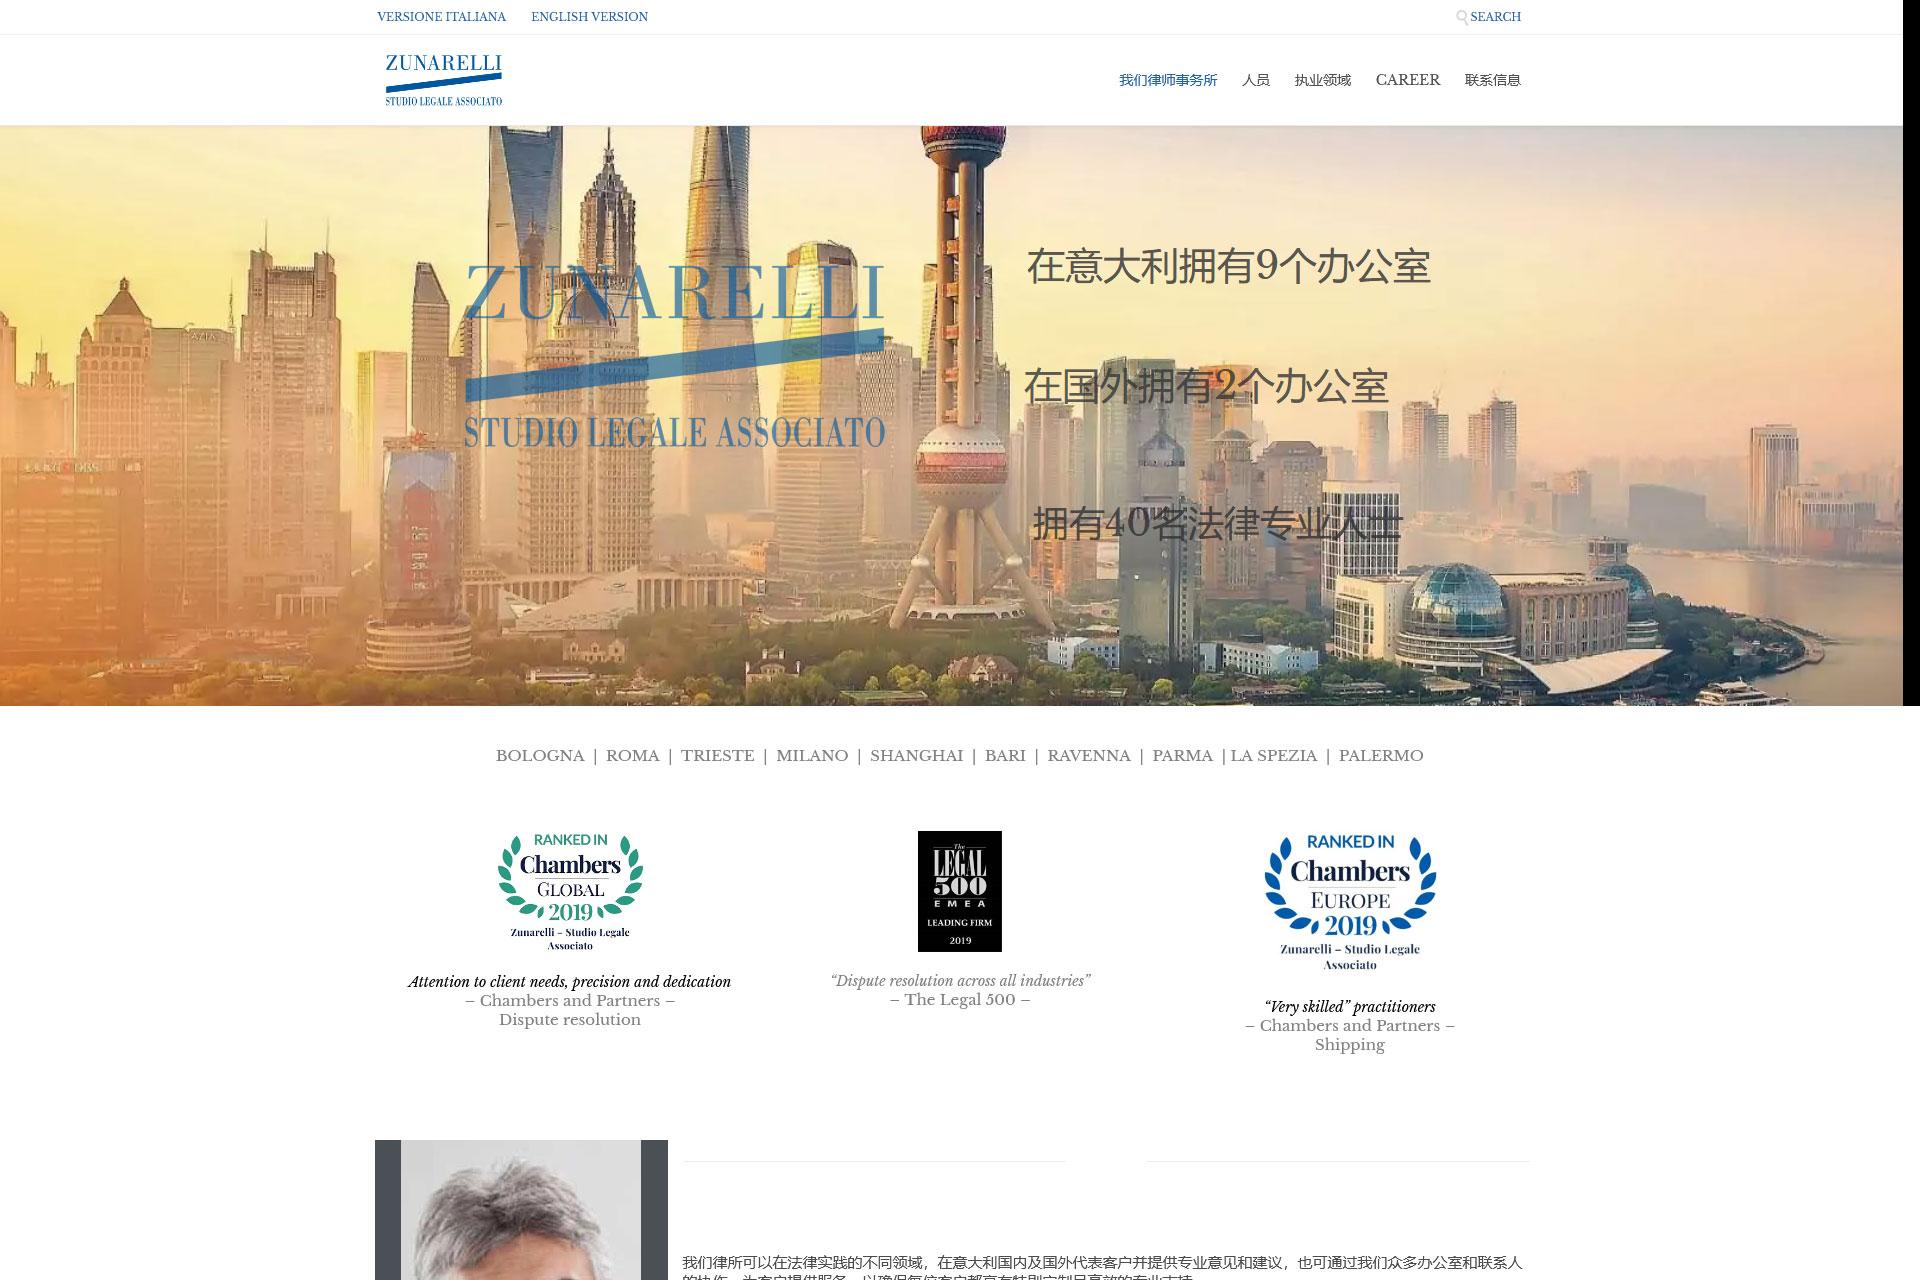 lv-design-realizzazione-siti-web-bologna-portfolio-zunarelli-studio-legale-associato-slide-4